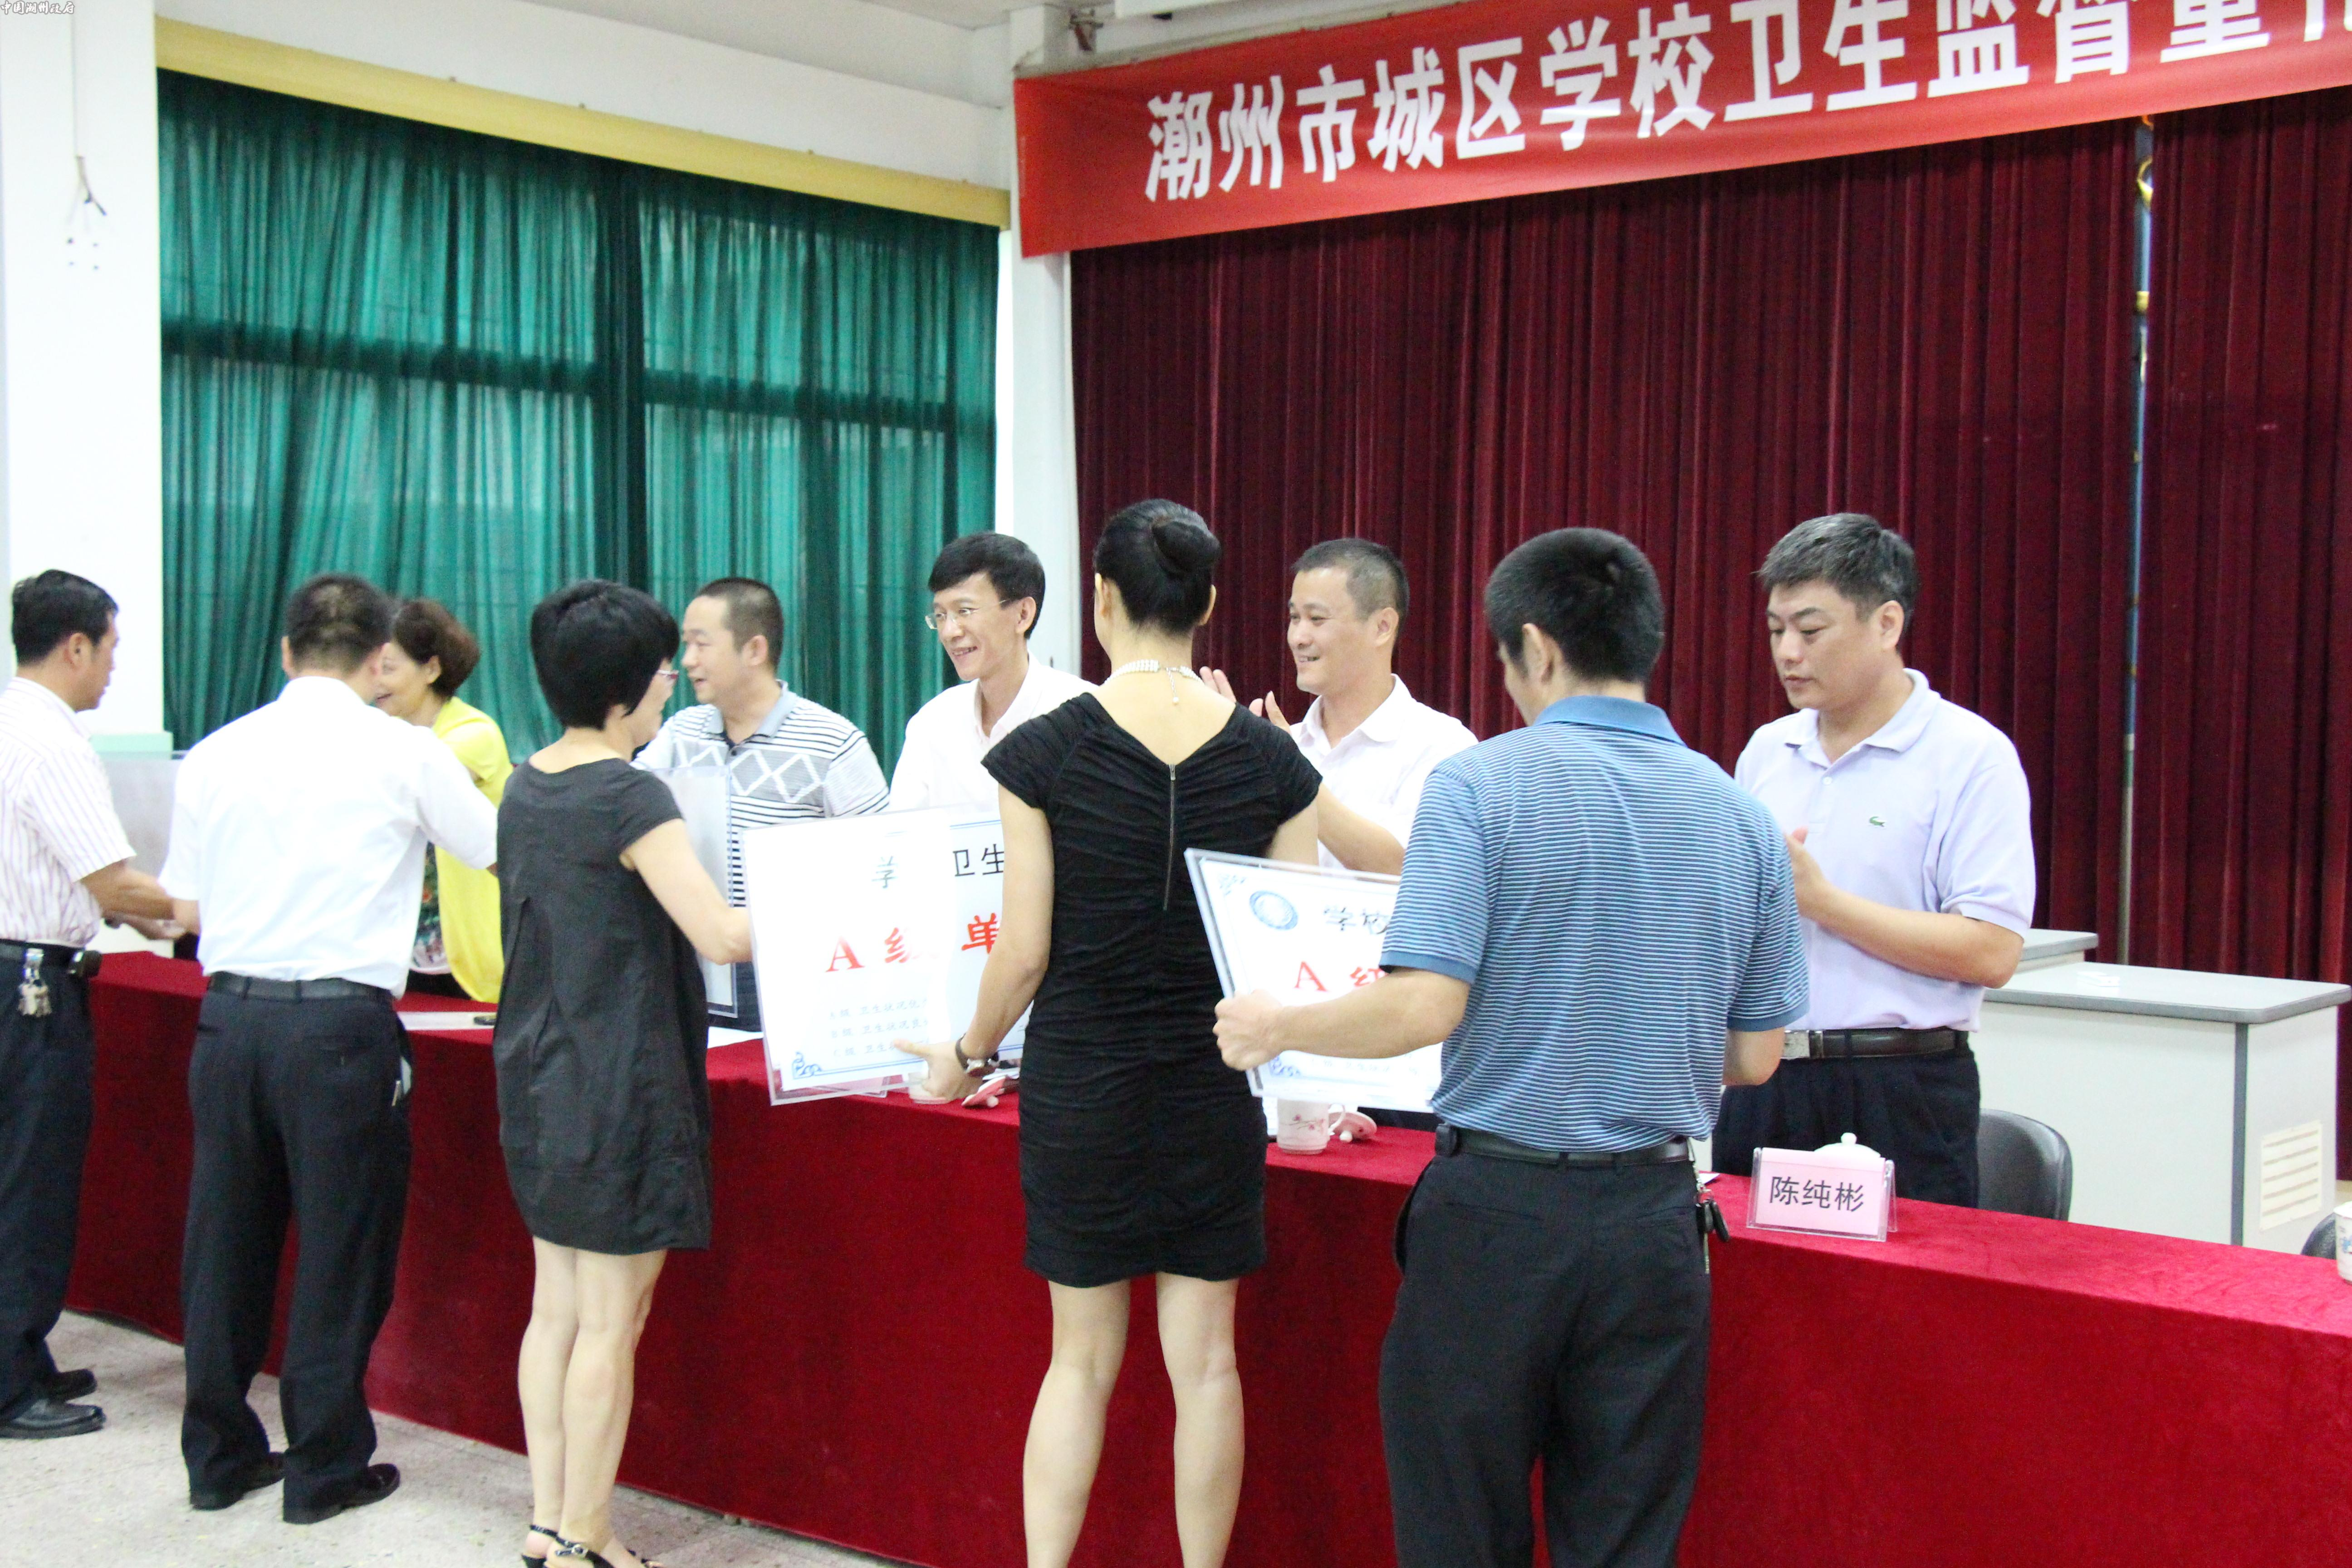 潮州市召开市城区学校卫生监督量化分级管理工作现场会 -中国潮州政